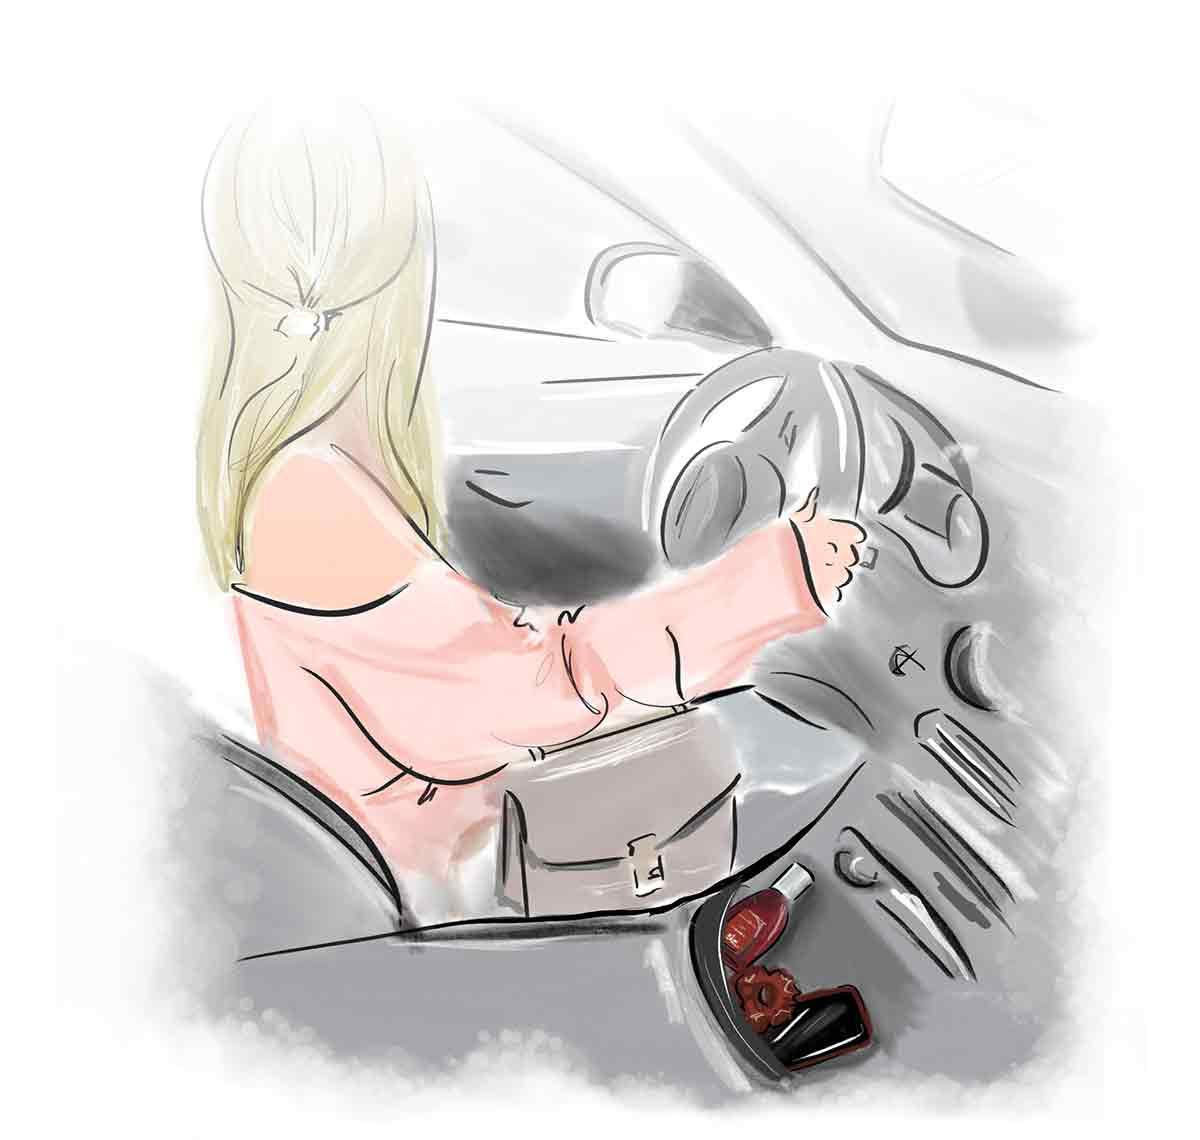 Al volante della propria auto